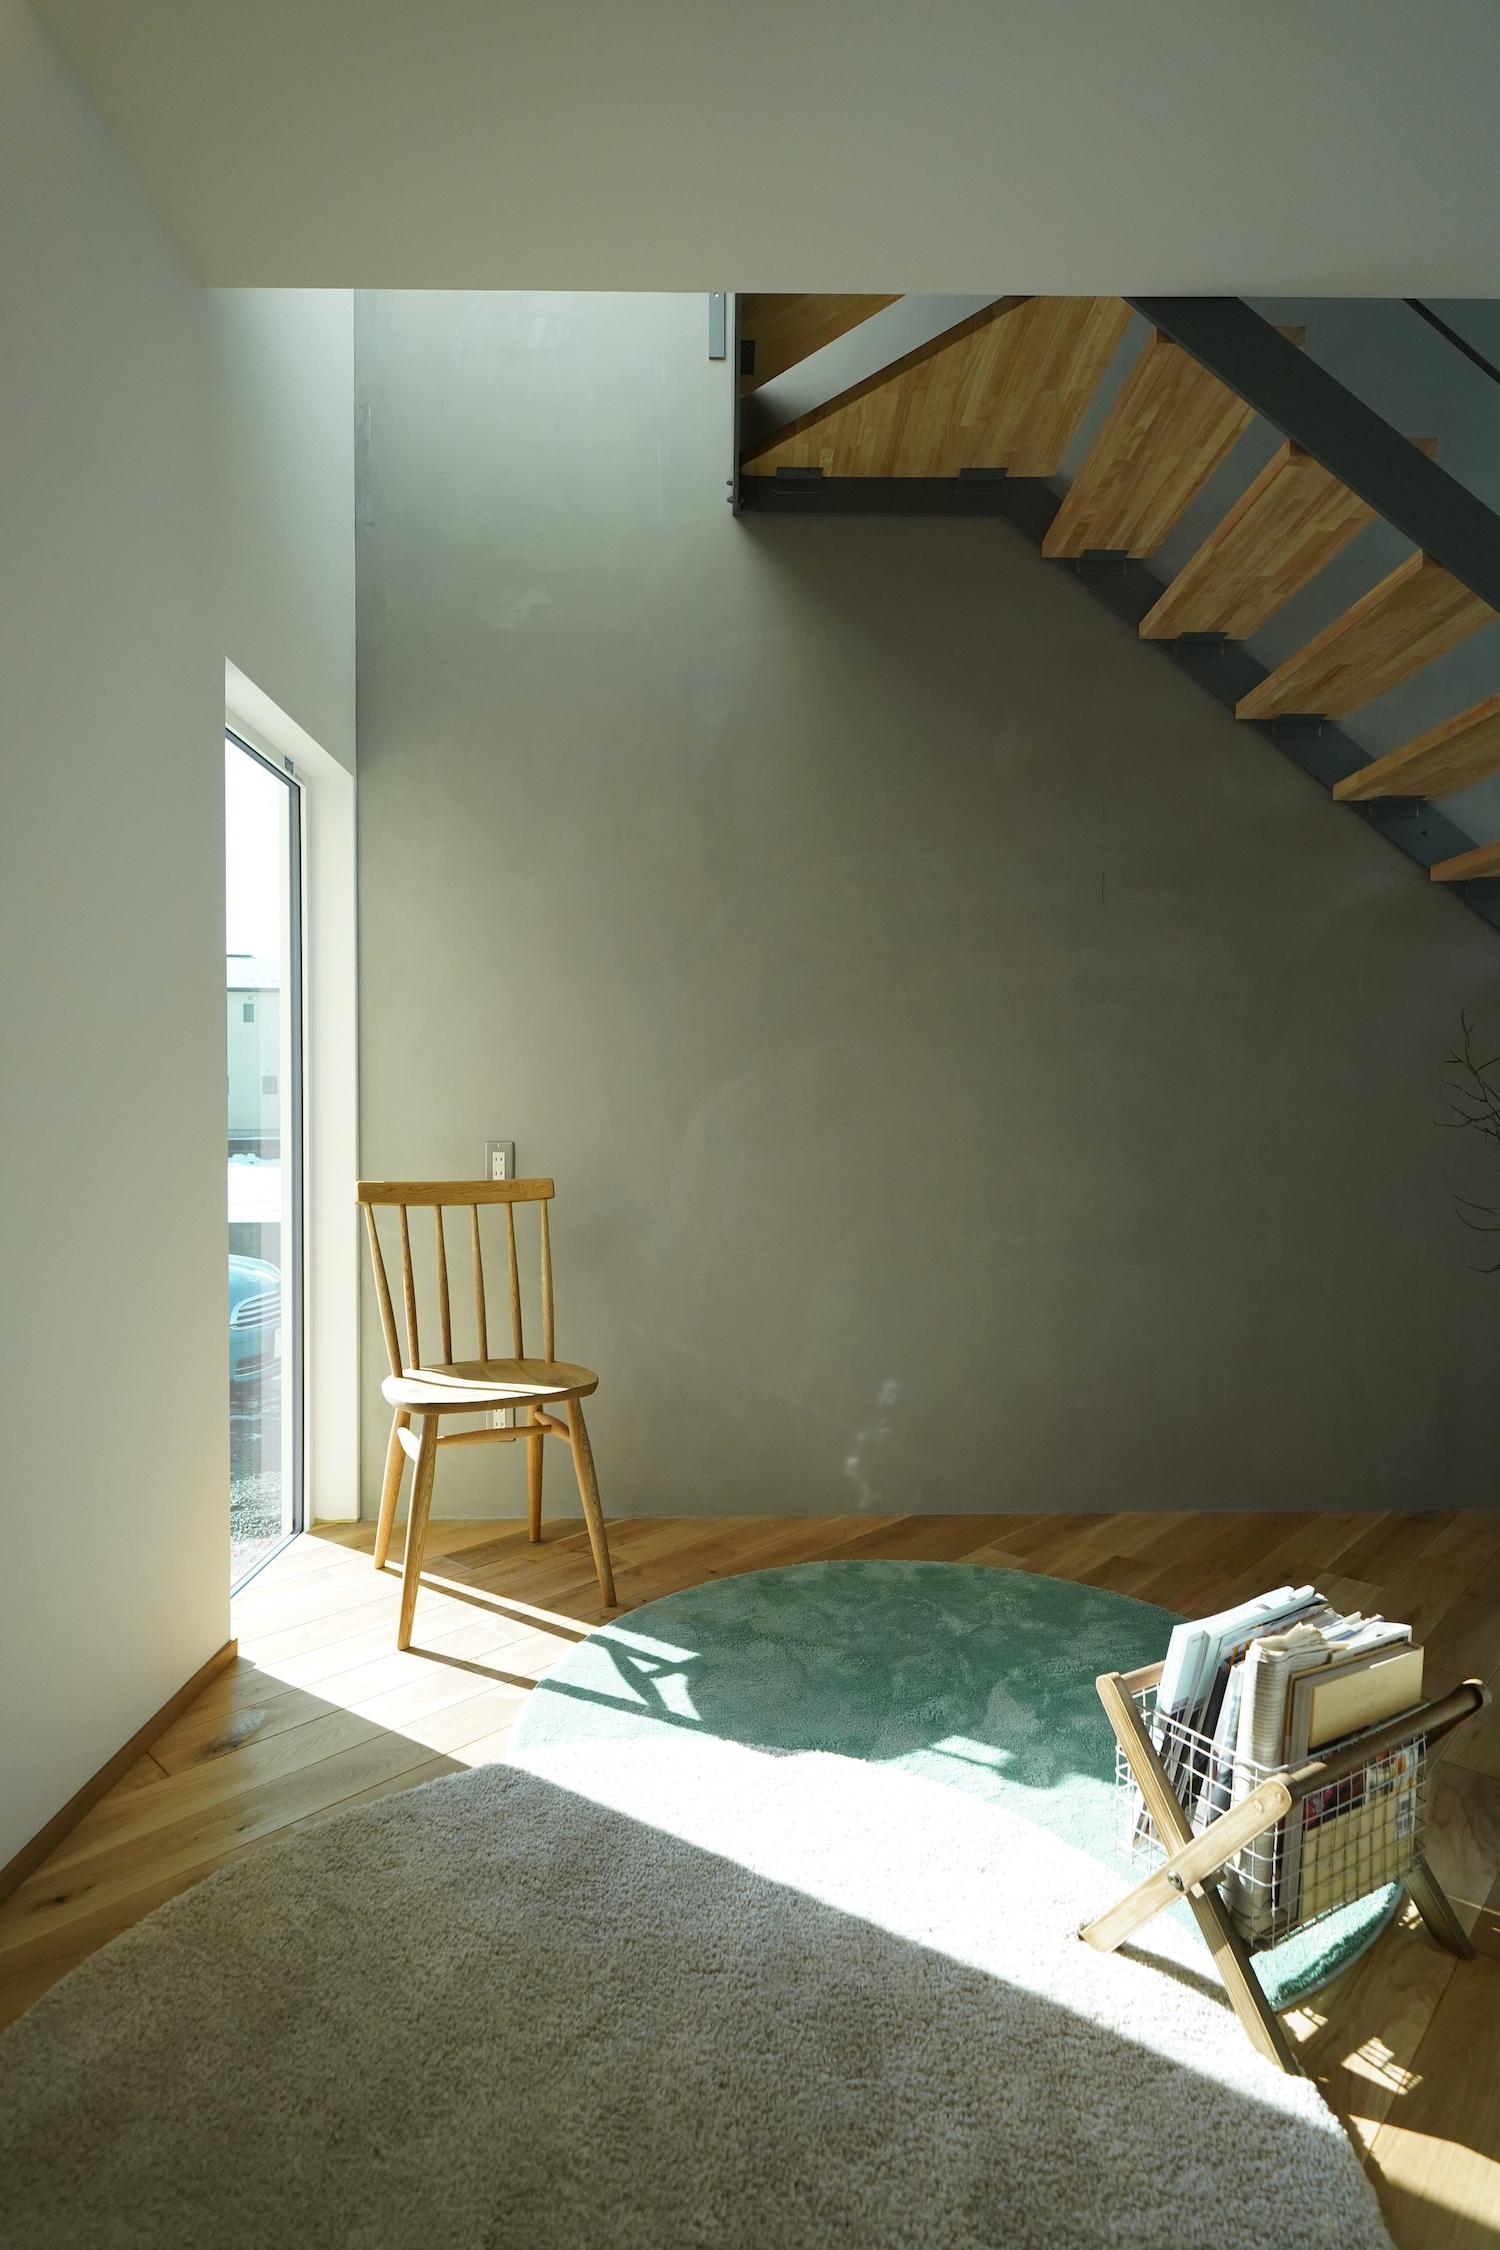 2021年01月23日−31日カフェスタイルの家、完成見学会開催